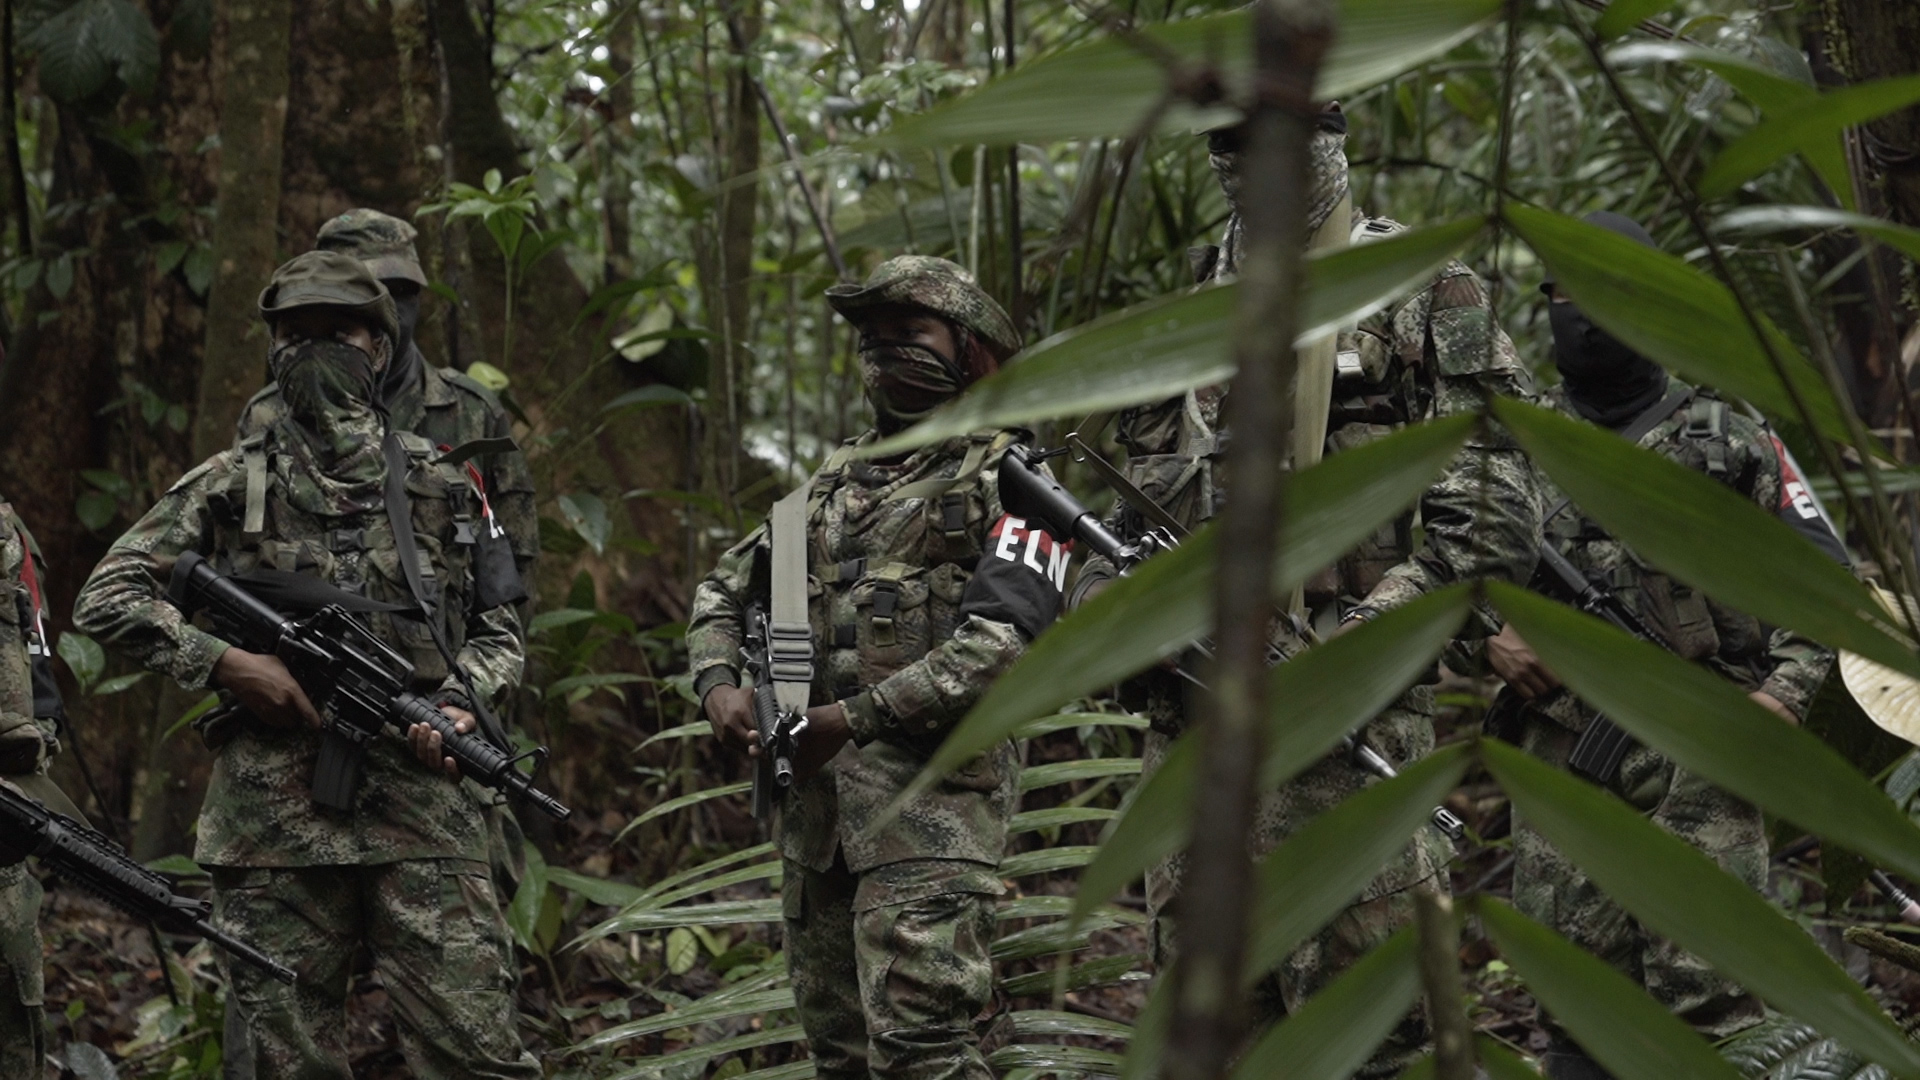 Tres días en el campamento guerrillero de 'Uriel'